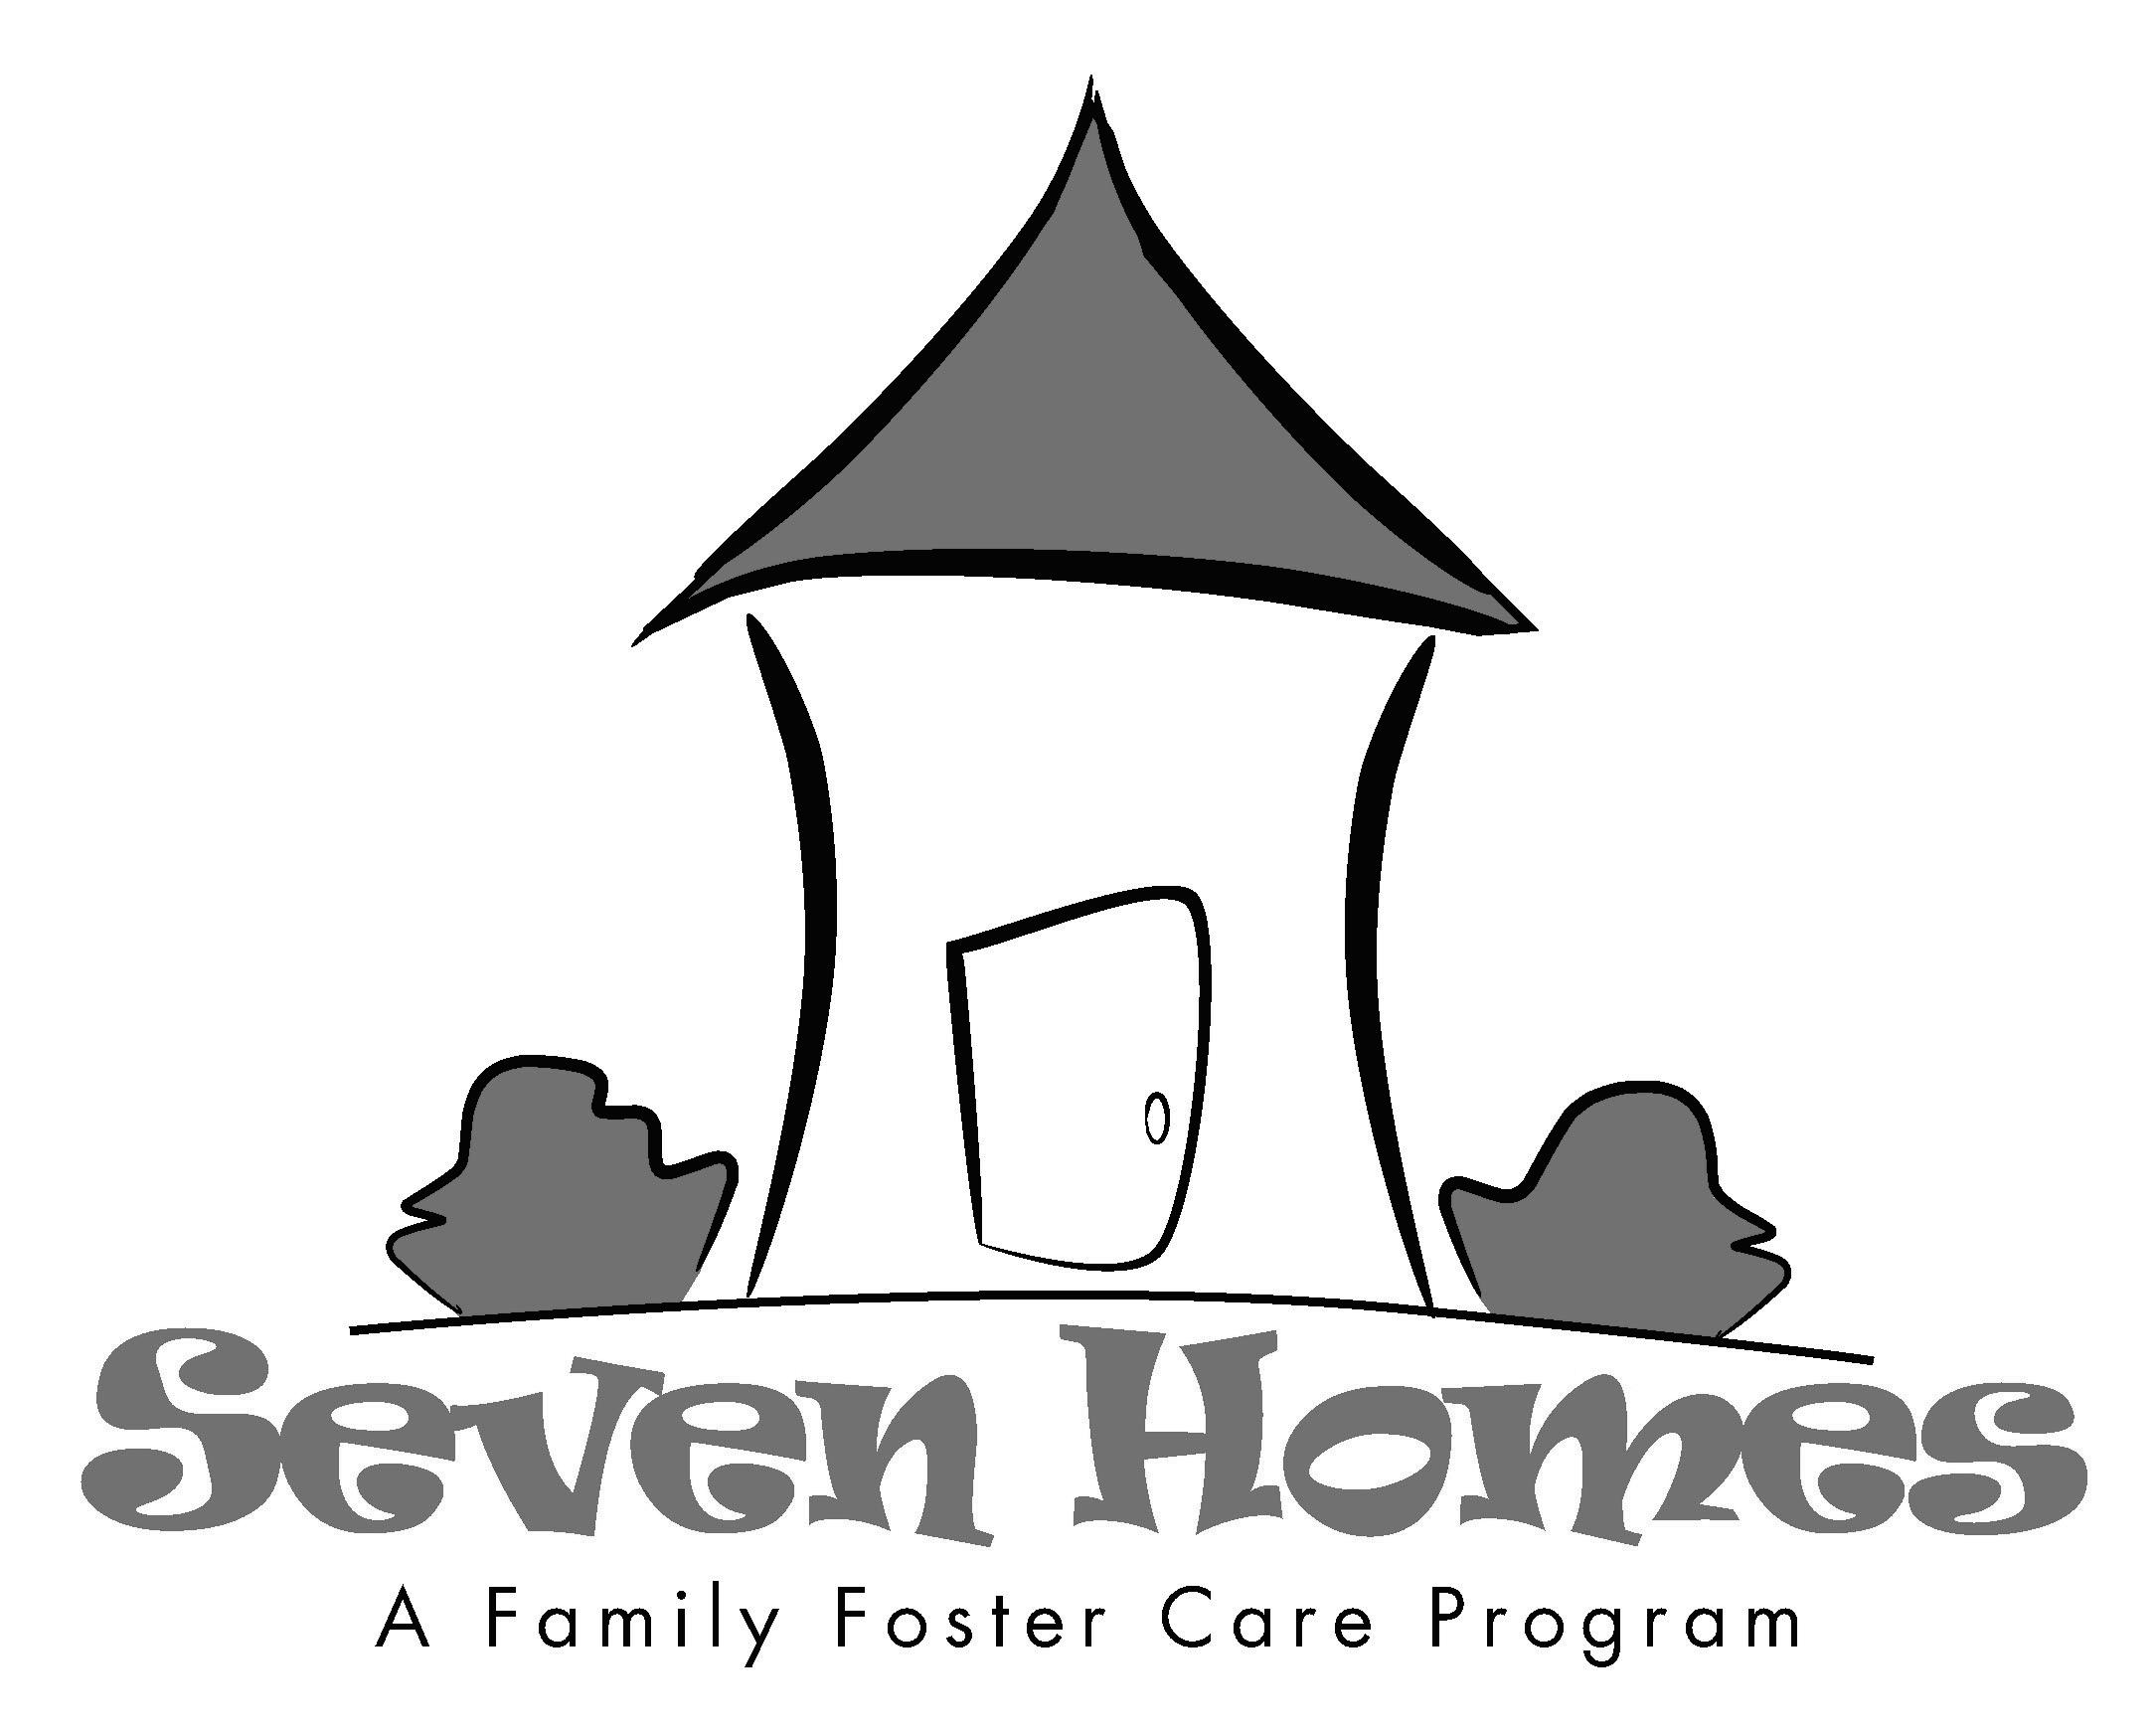 SEVEN_HOMES_LOGO_LARGE.jpg